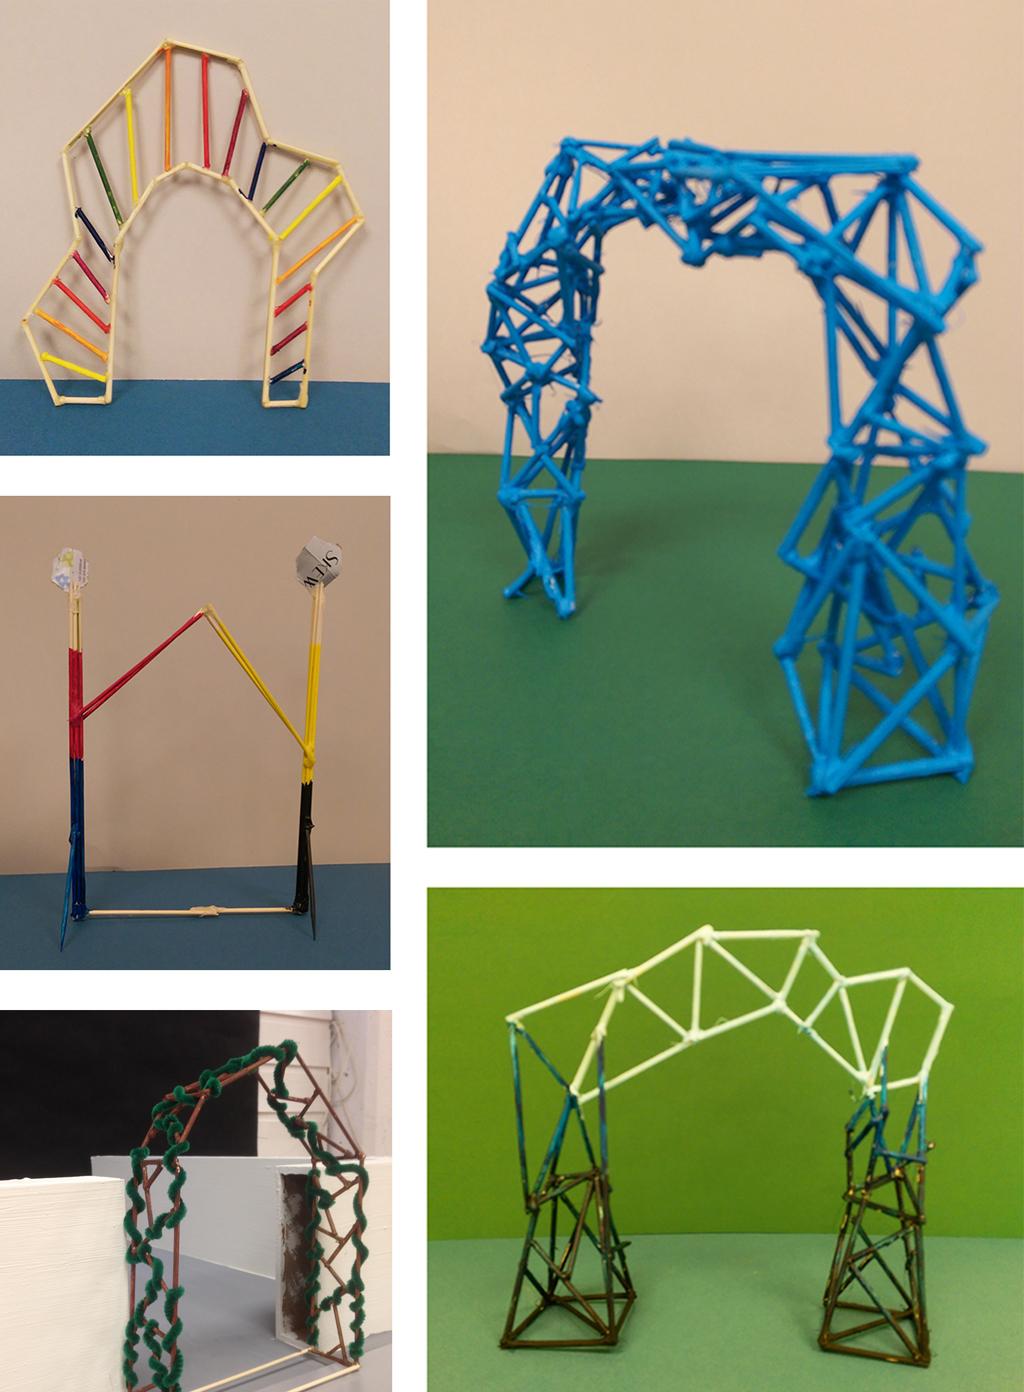 På bilete ser vi seks ulike forslag til portalar, designa av elevar i 3sfa